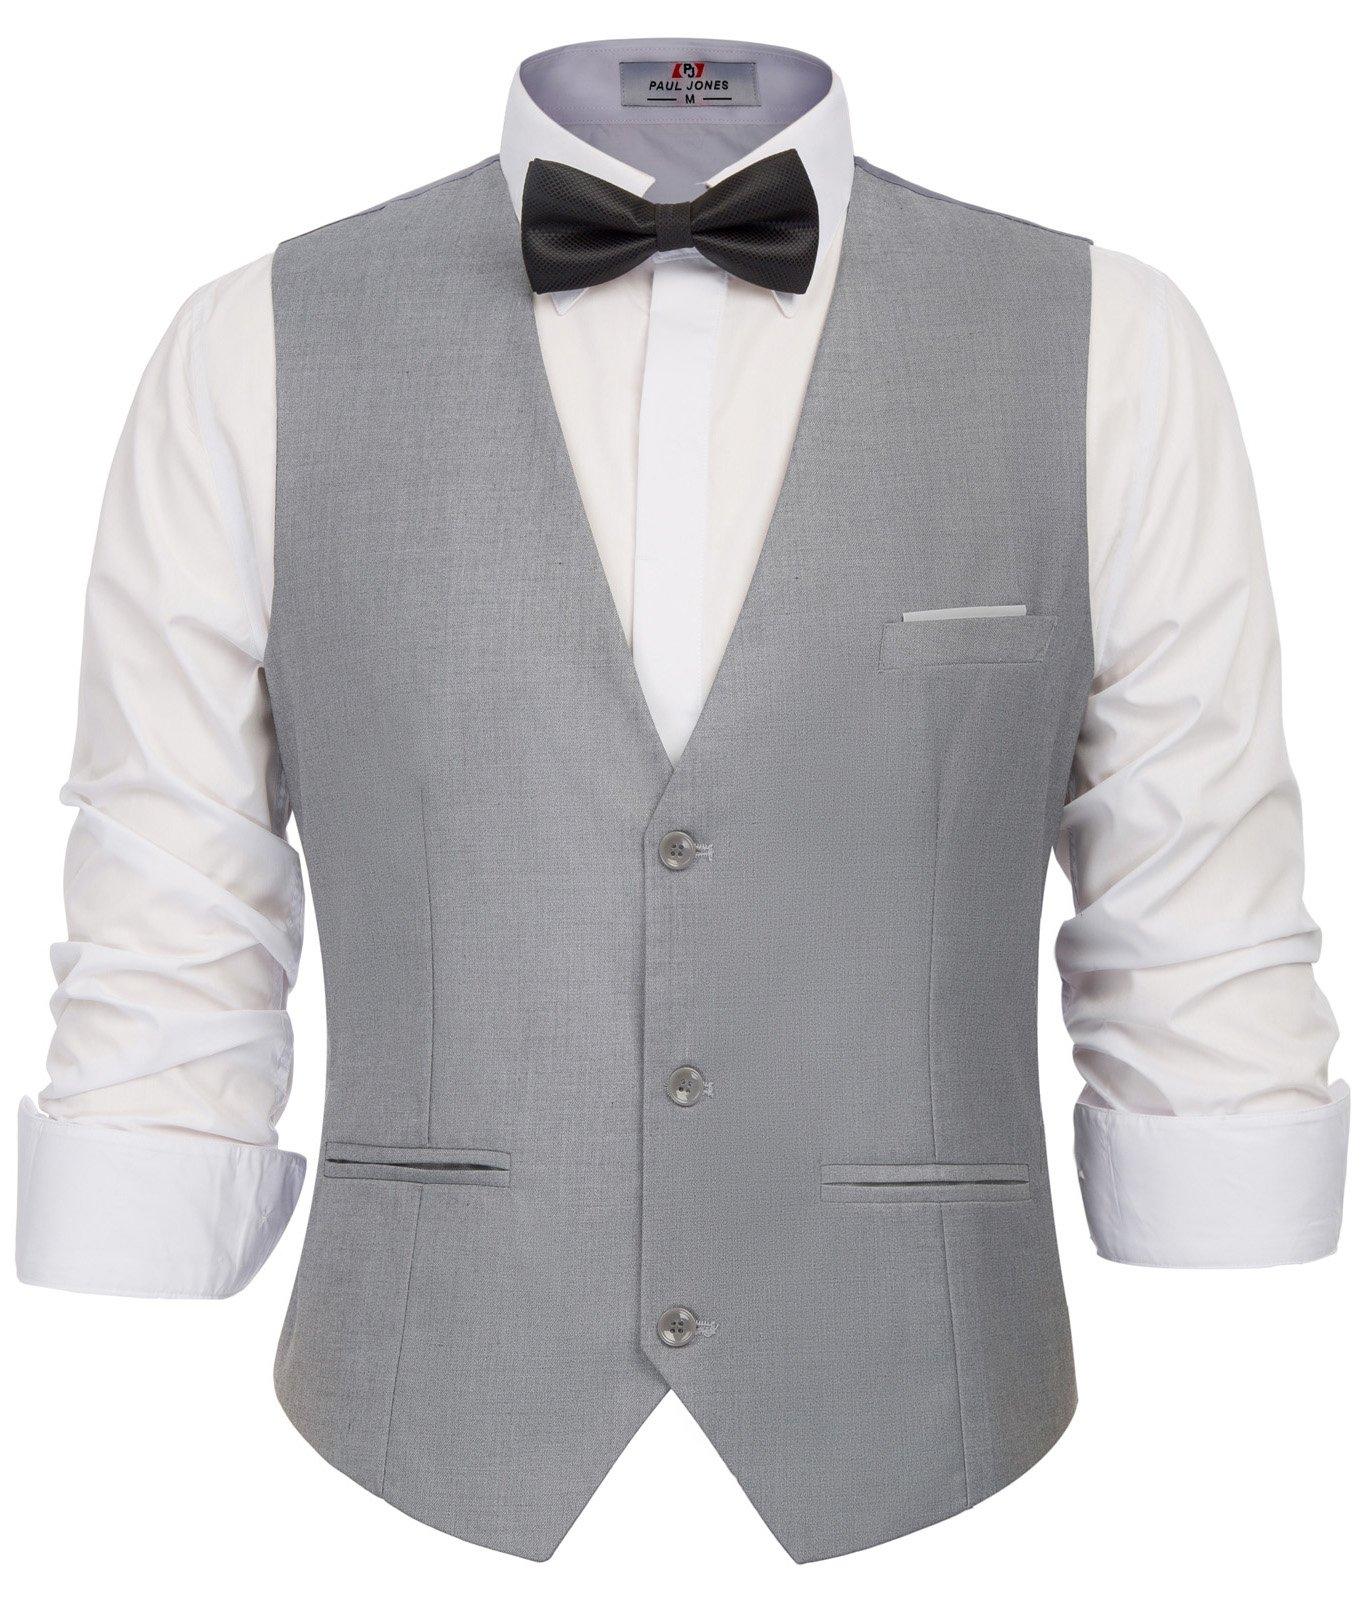 PAUL JONES Slim Fit Formal Waistcoats for Men Grey Vest Wear to Prom Wedding Grey, X-Large by PAUL JONES